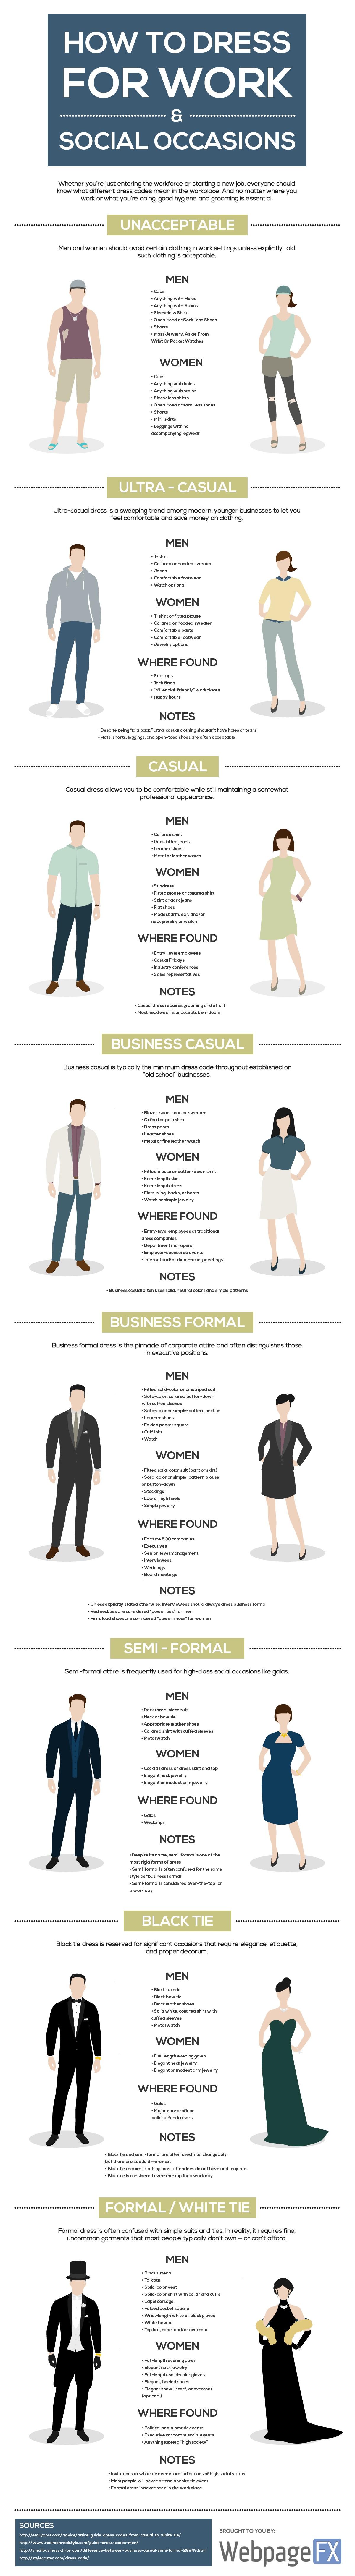 Infographic hoe te kleden voor werk